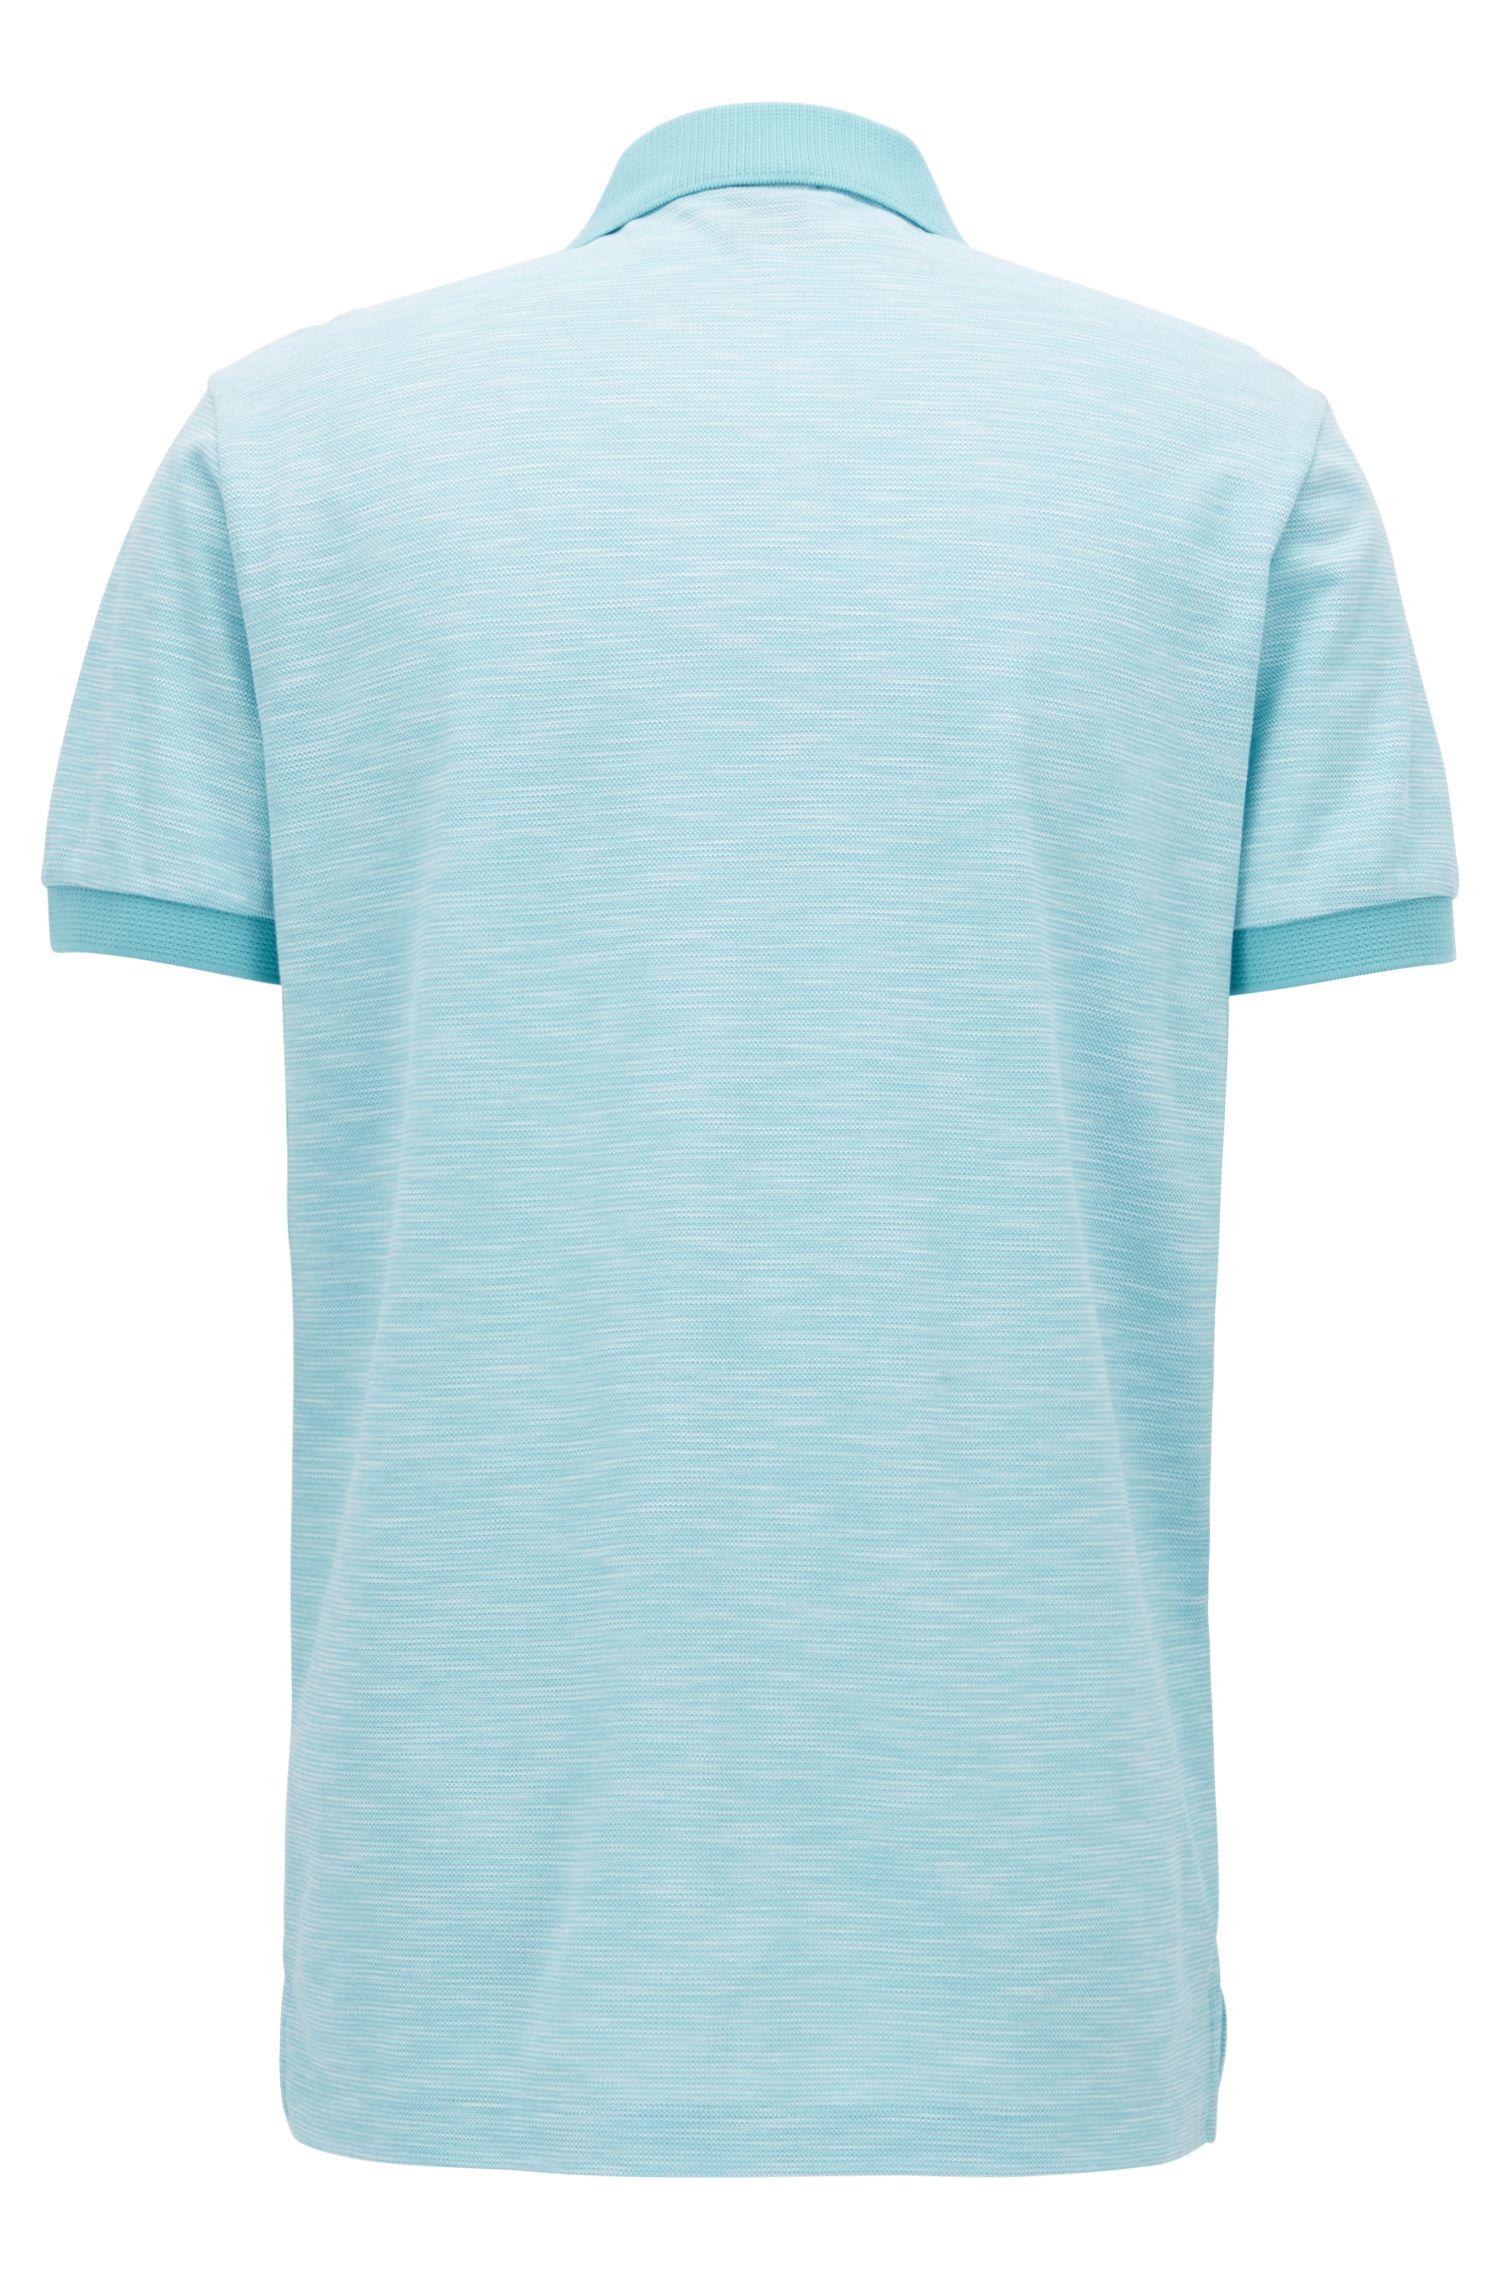 Zweifarbiges Poloshirt aus Baumwoll-Piqué